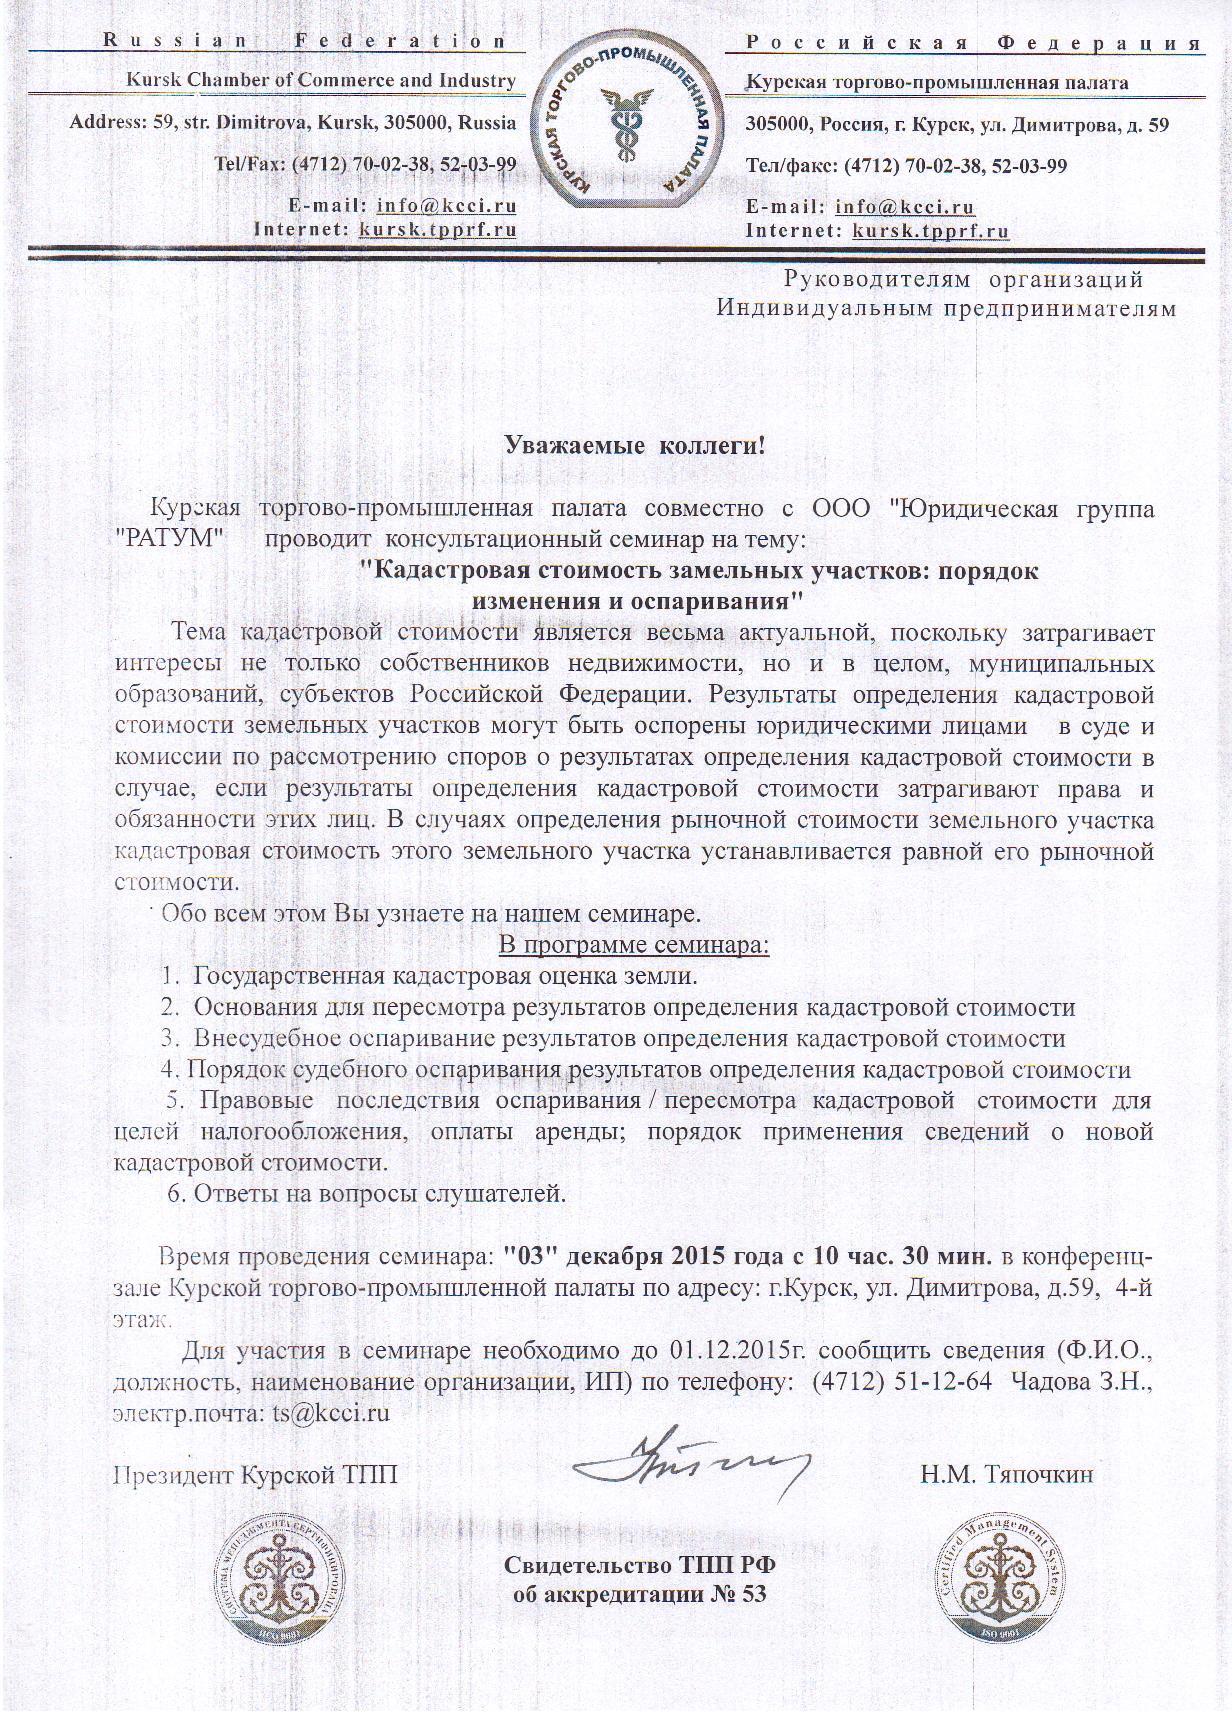 бланк официального письма тпп